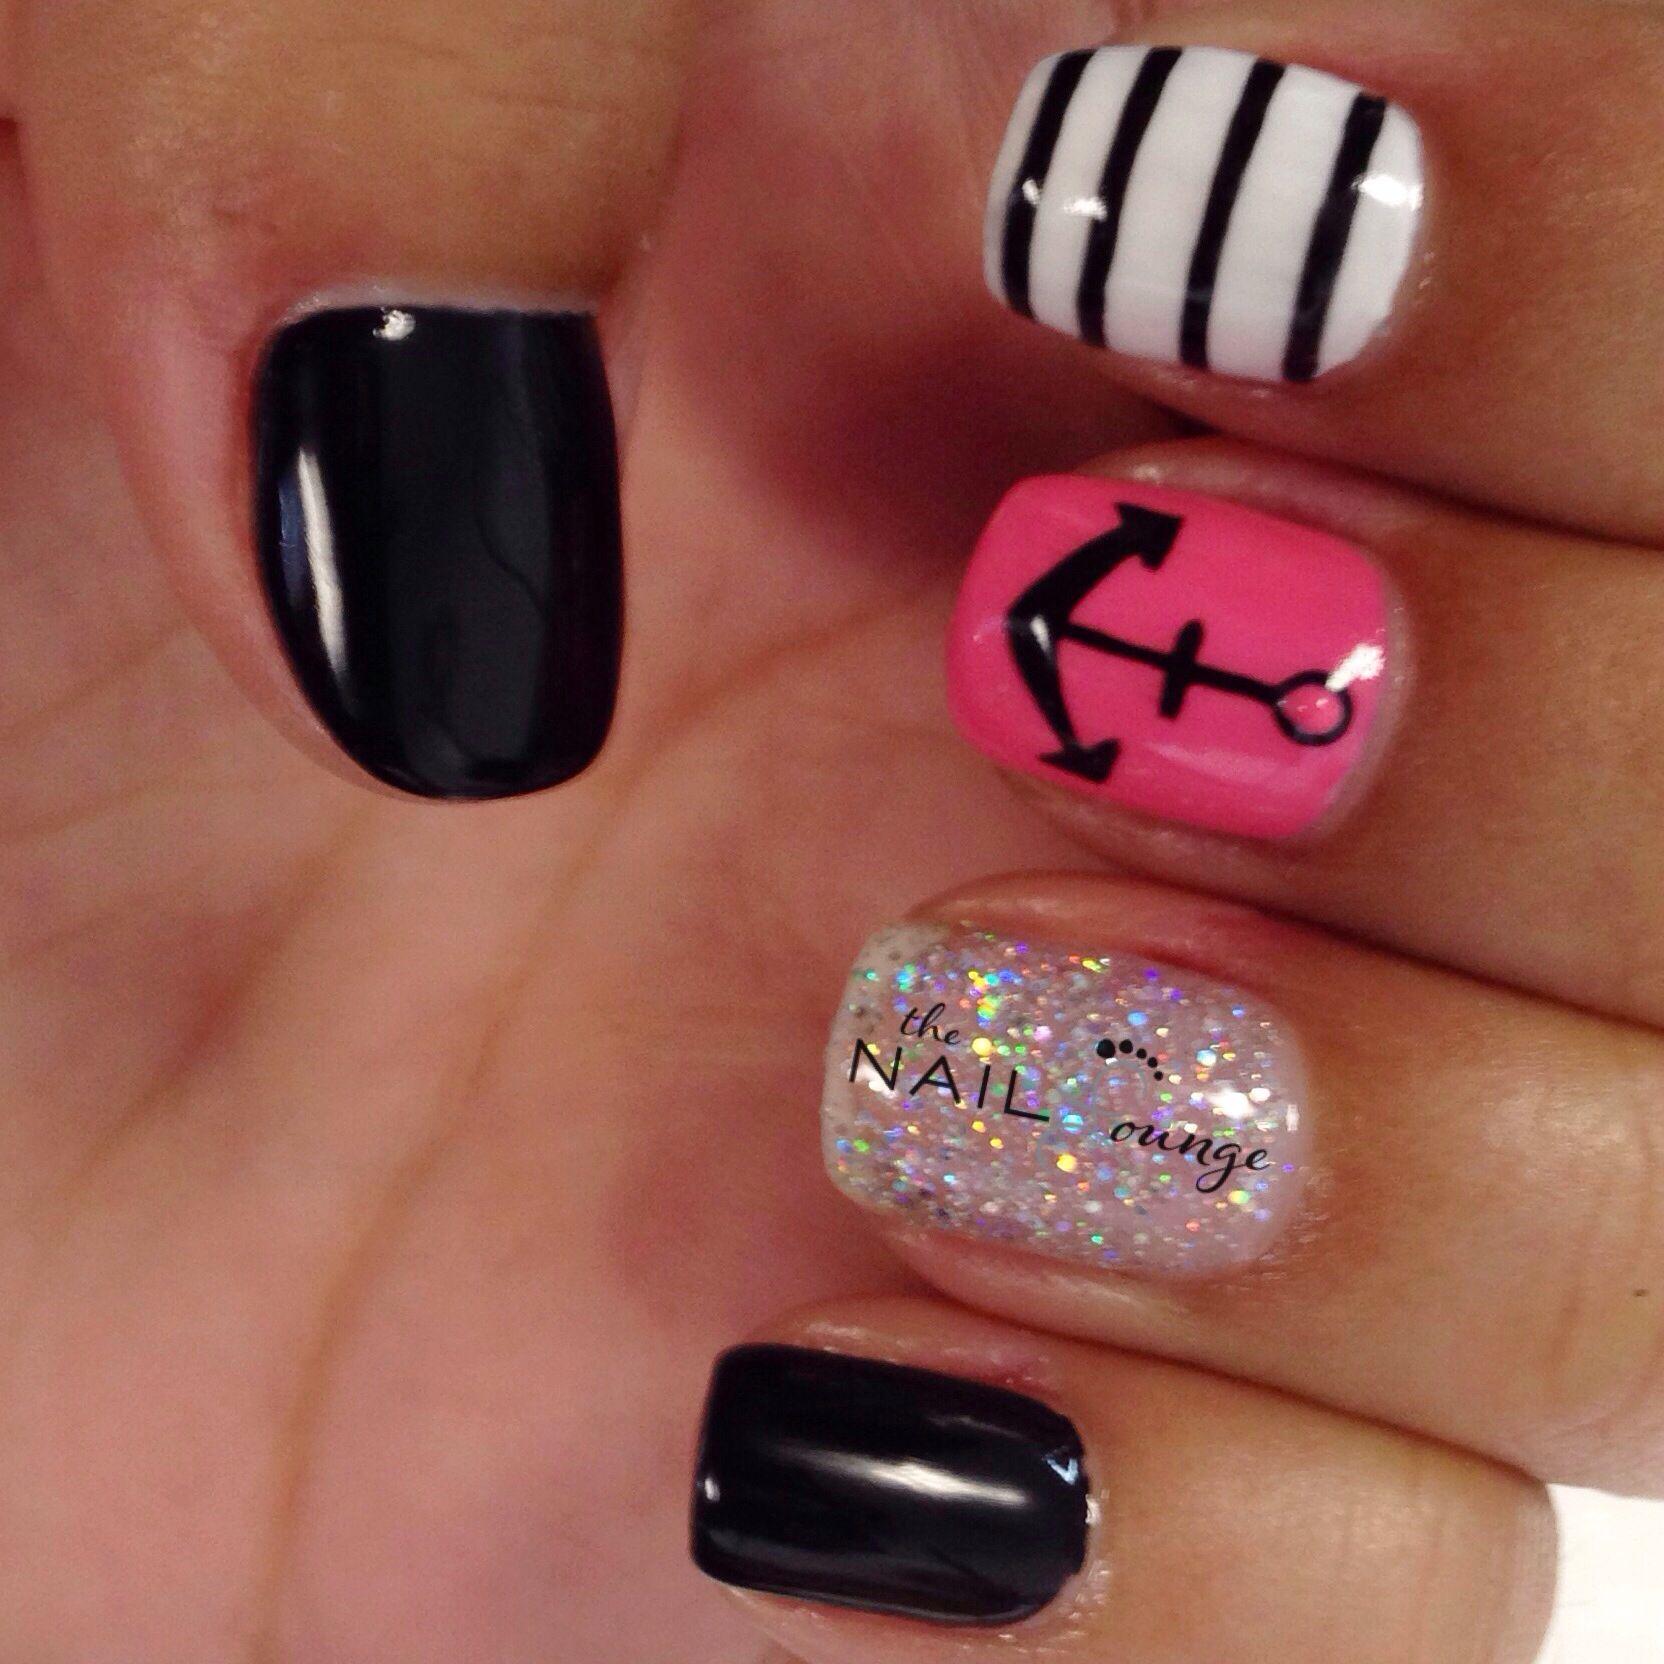 Anchor gel nail art design | Best Nail Art Ideas & Tutorials ...